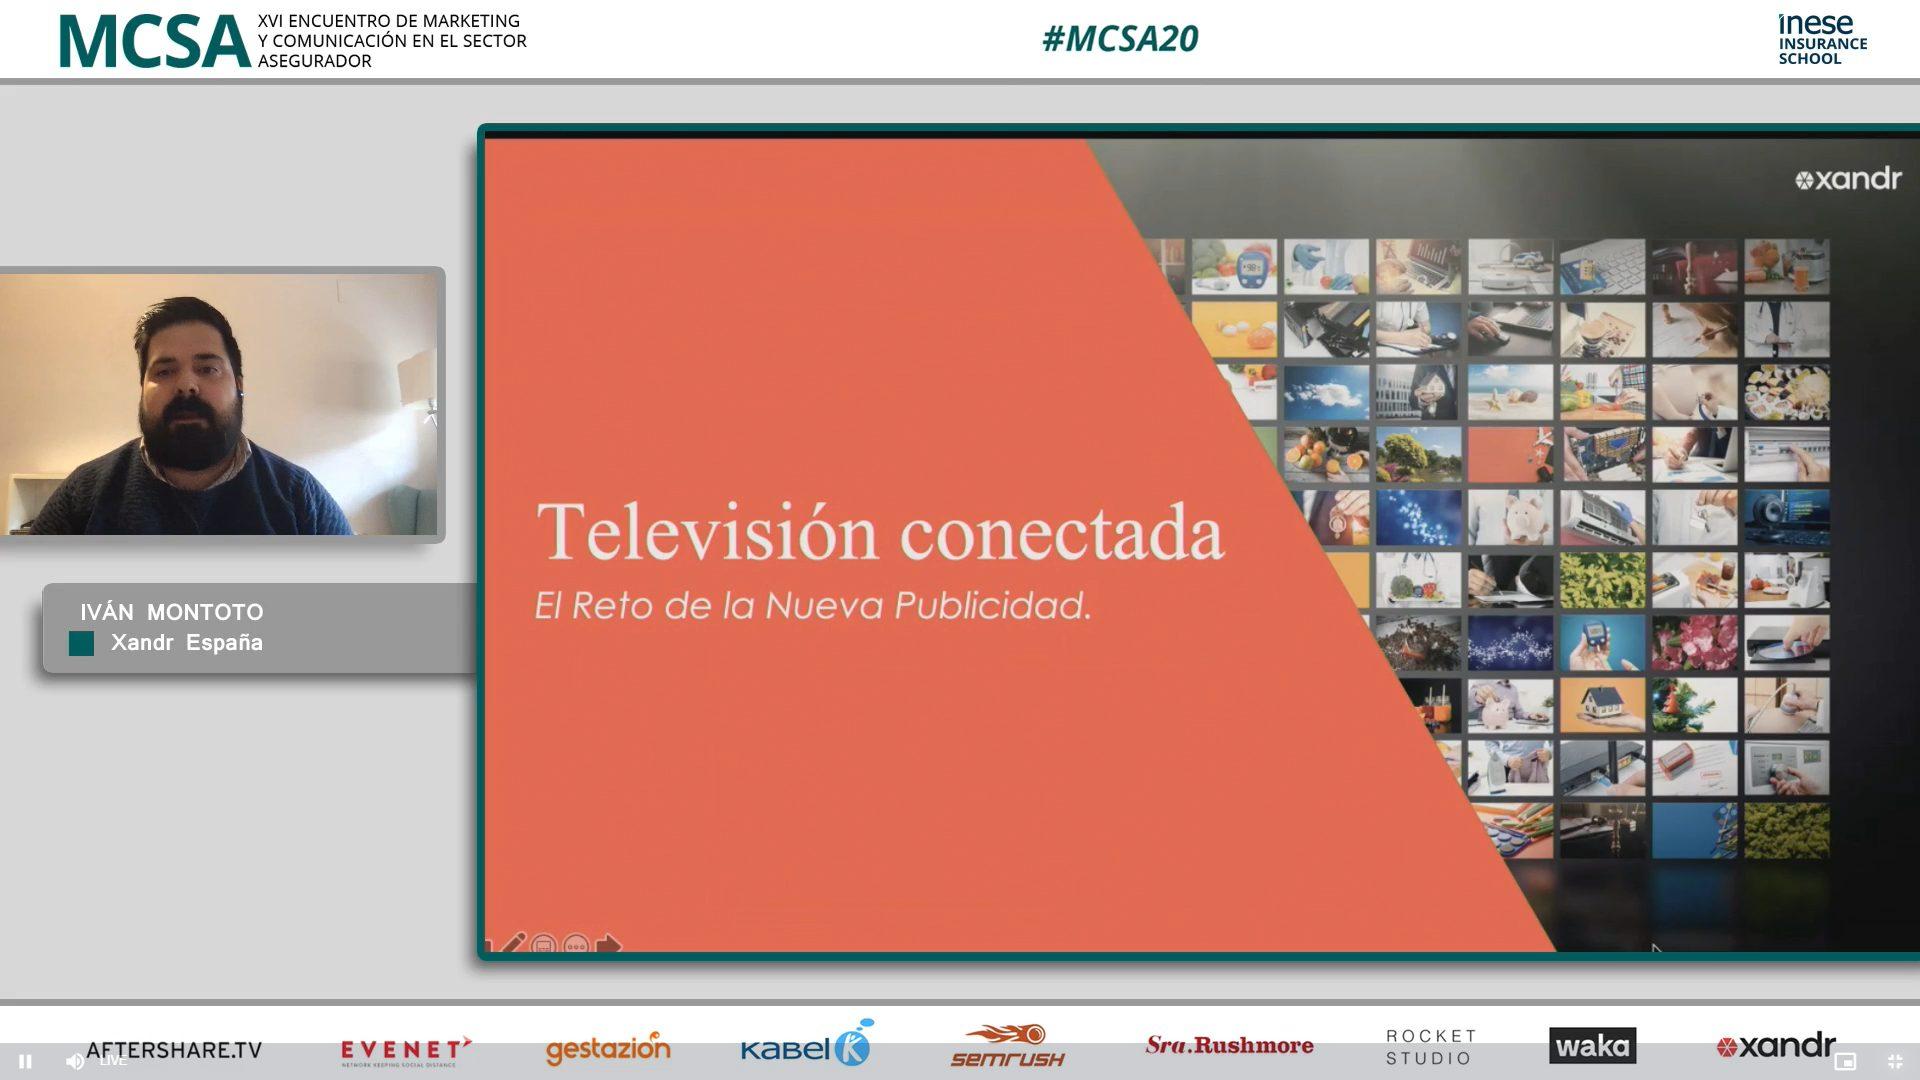 Iván Montoto en el #MCSA20